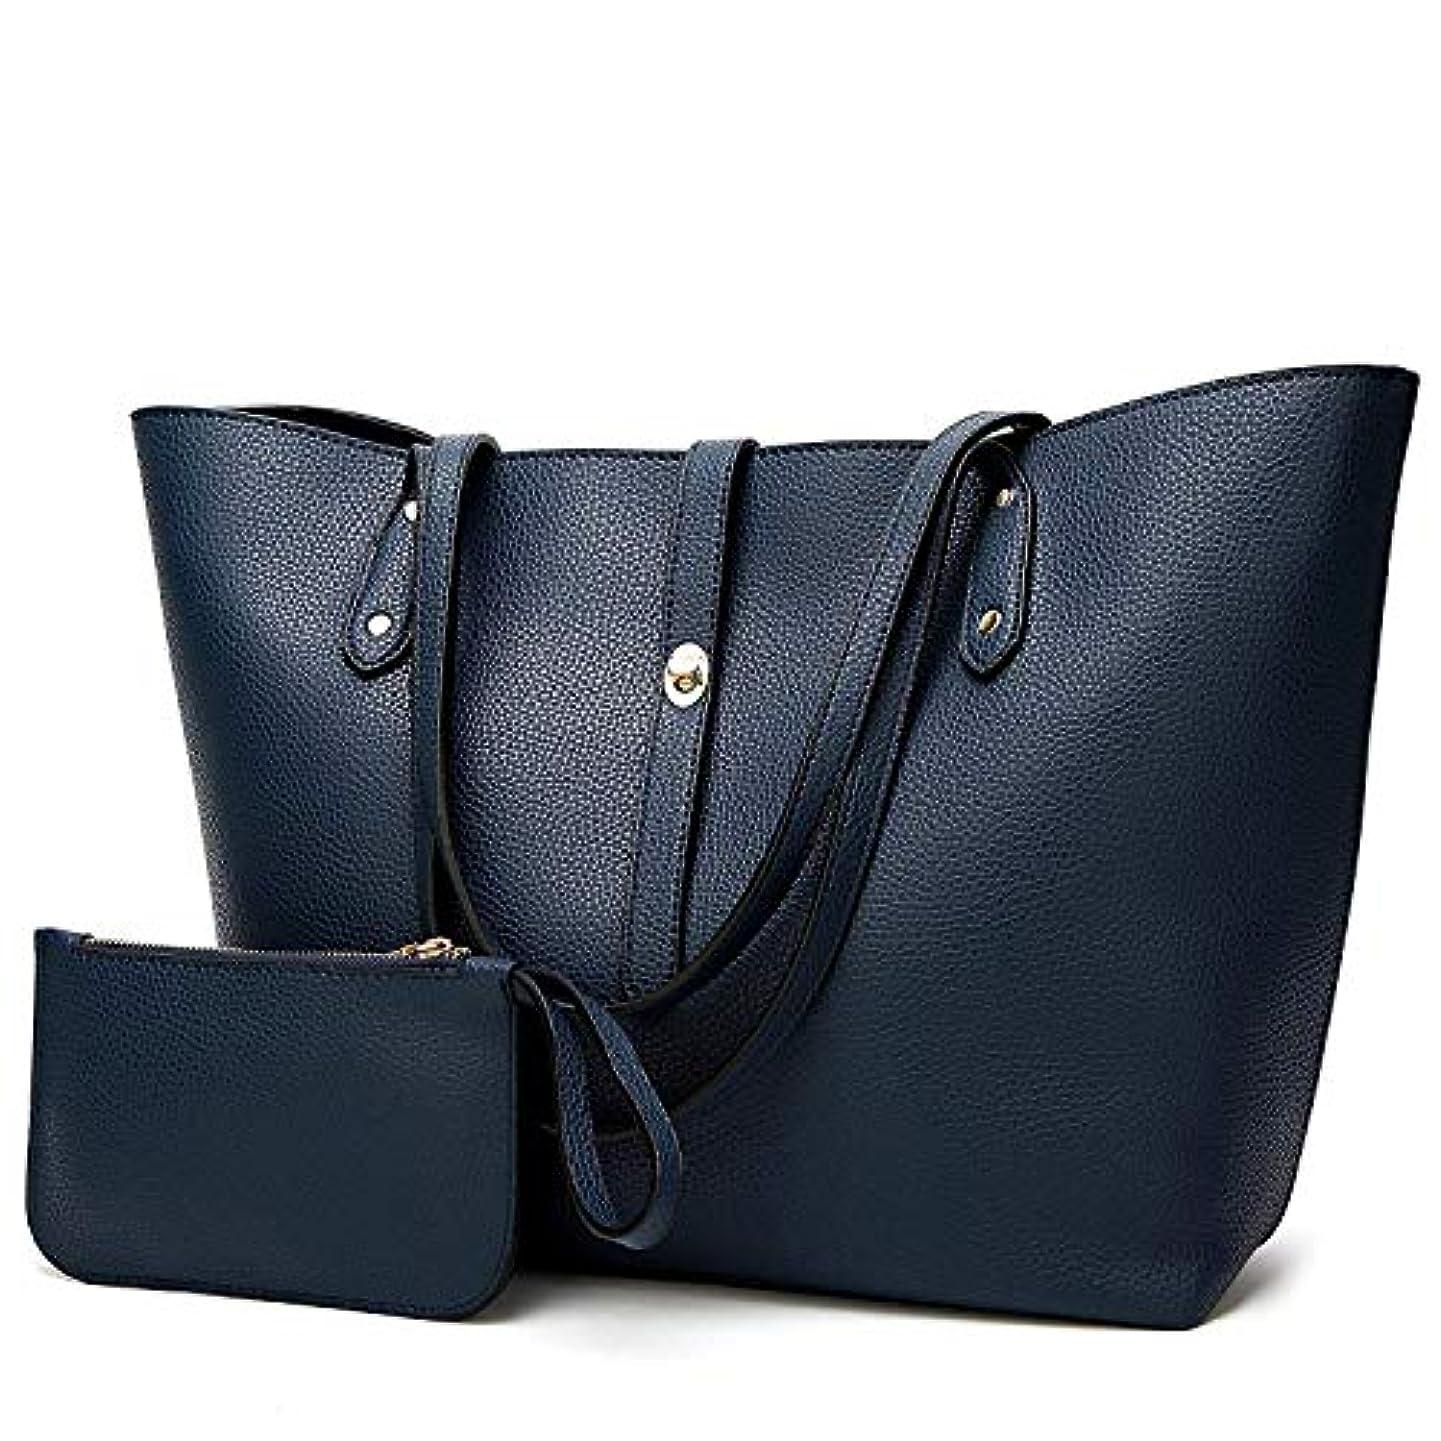 苦行良心的最大の[TcIFE] ハンドバッグ レディース トートバッグ 大容量 無地 ショルダーバッグ 2way 財布とハンドバッグ